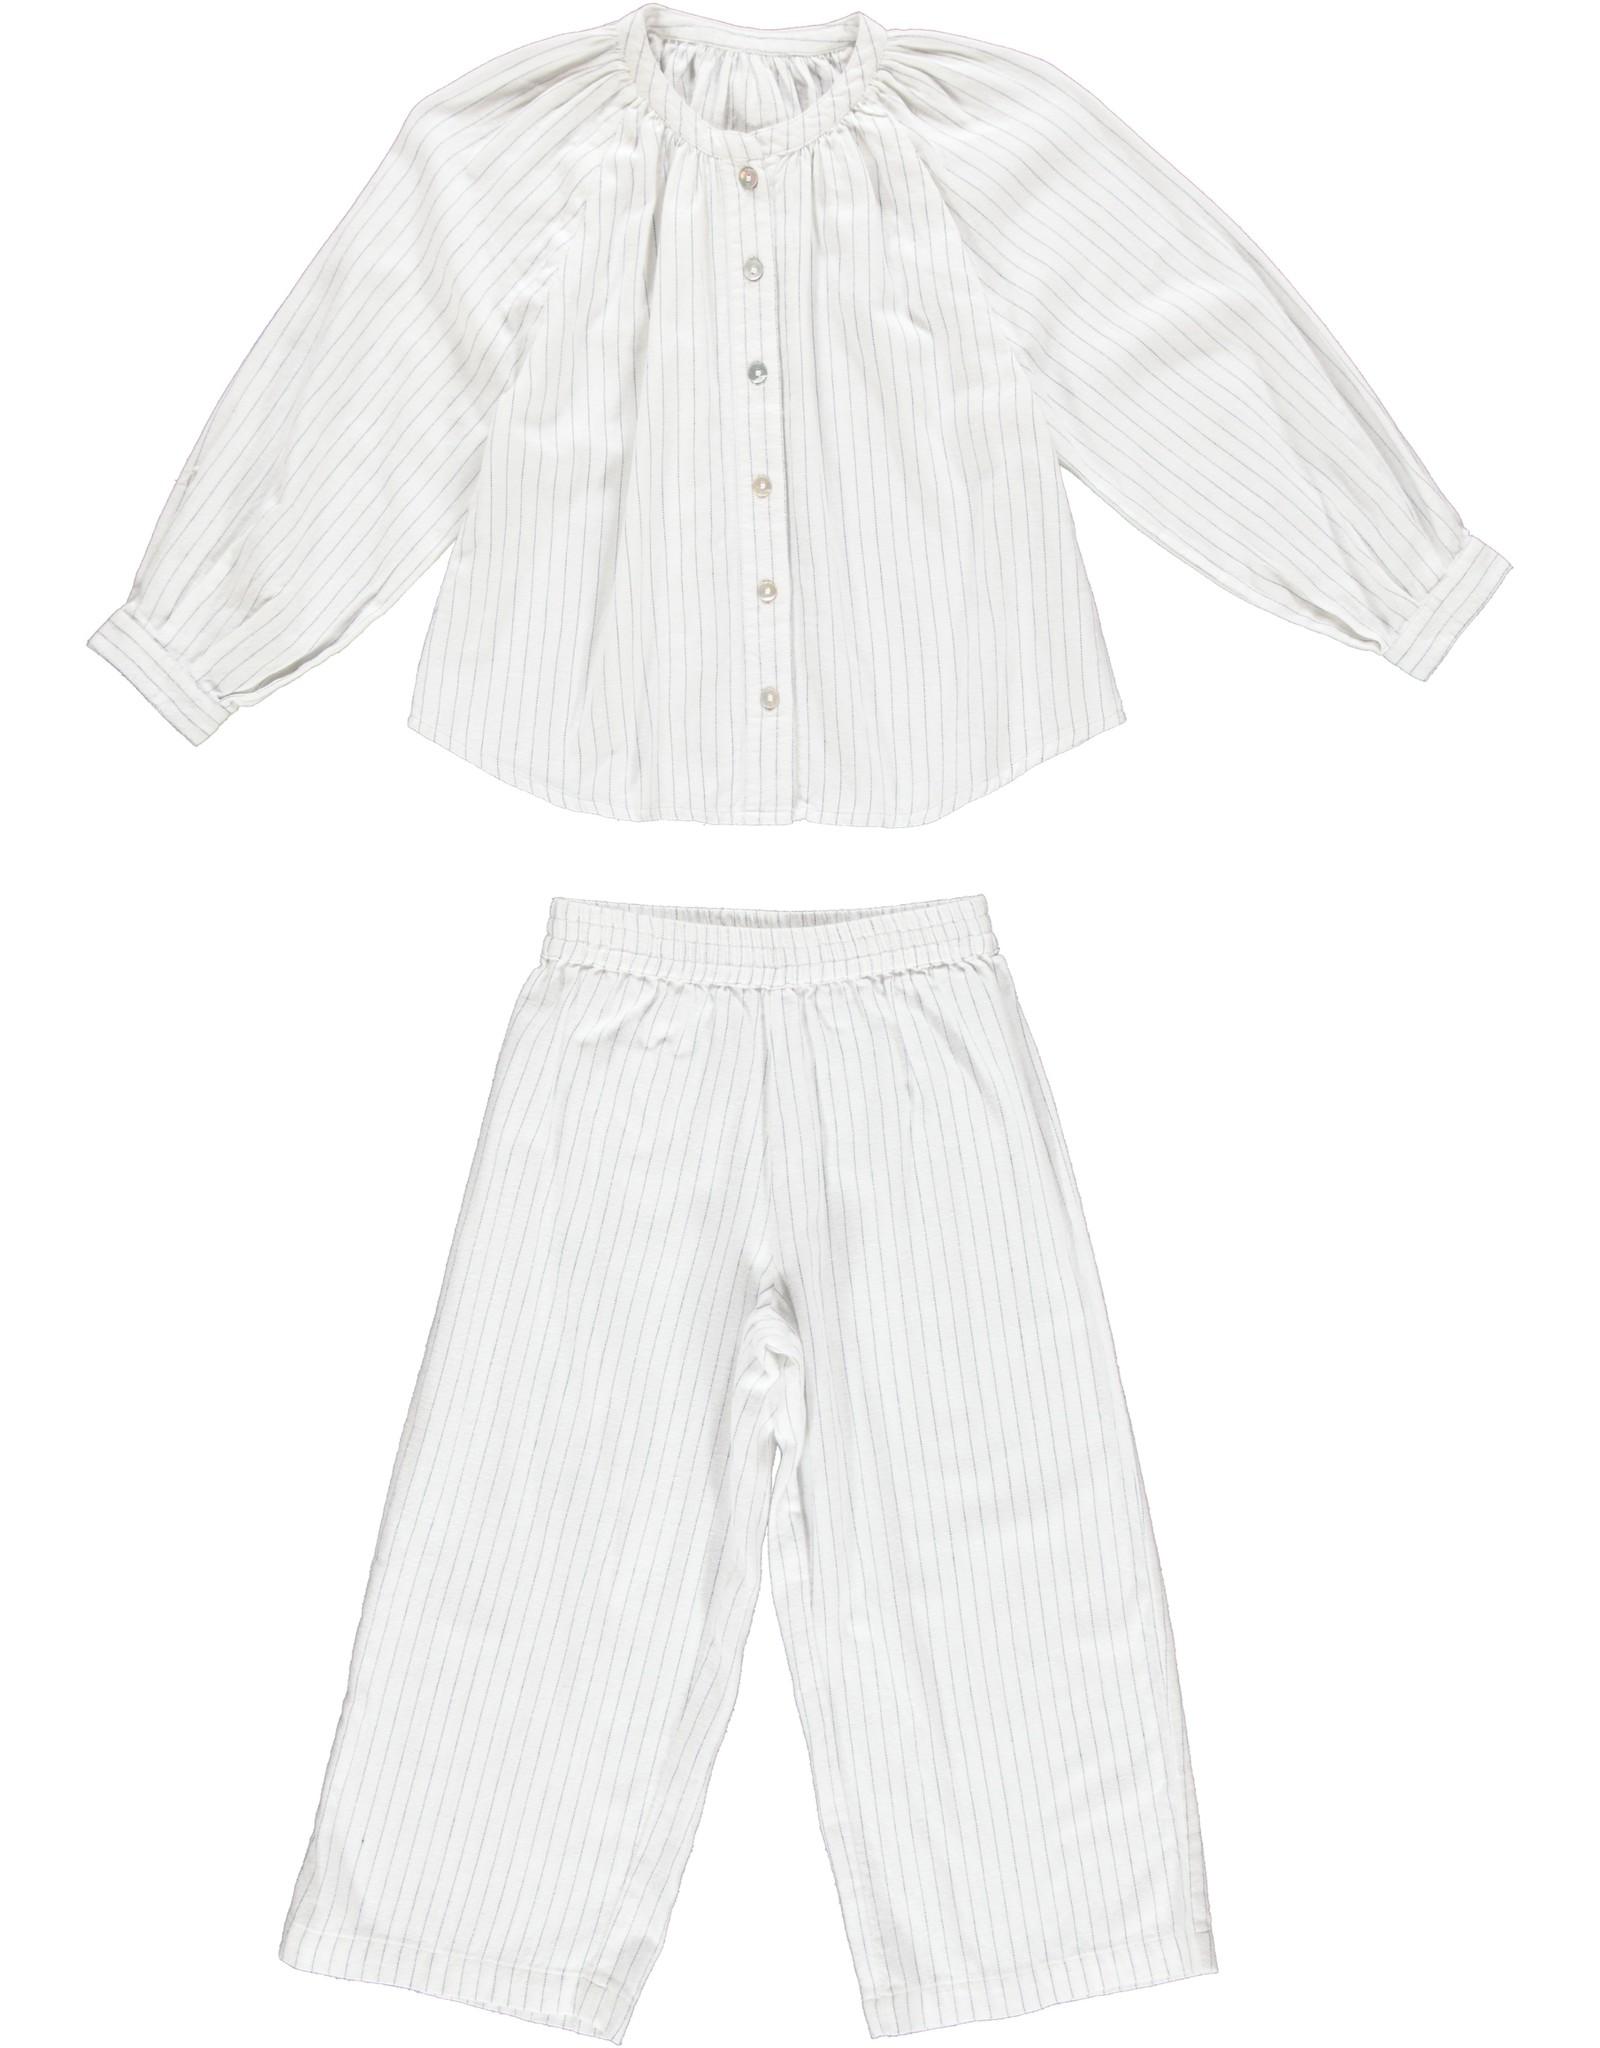 Dorélit Fynn + Alkes | Pajama Set Woven | Pin Stripe